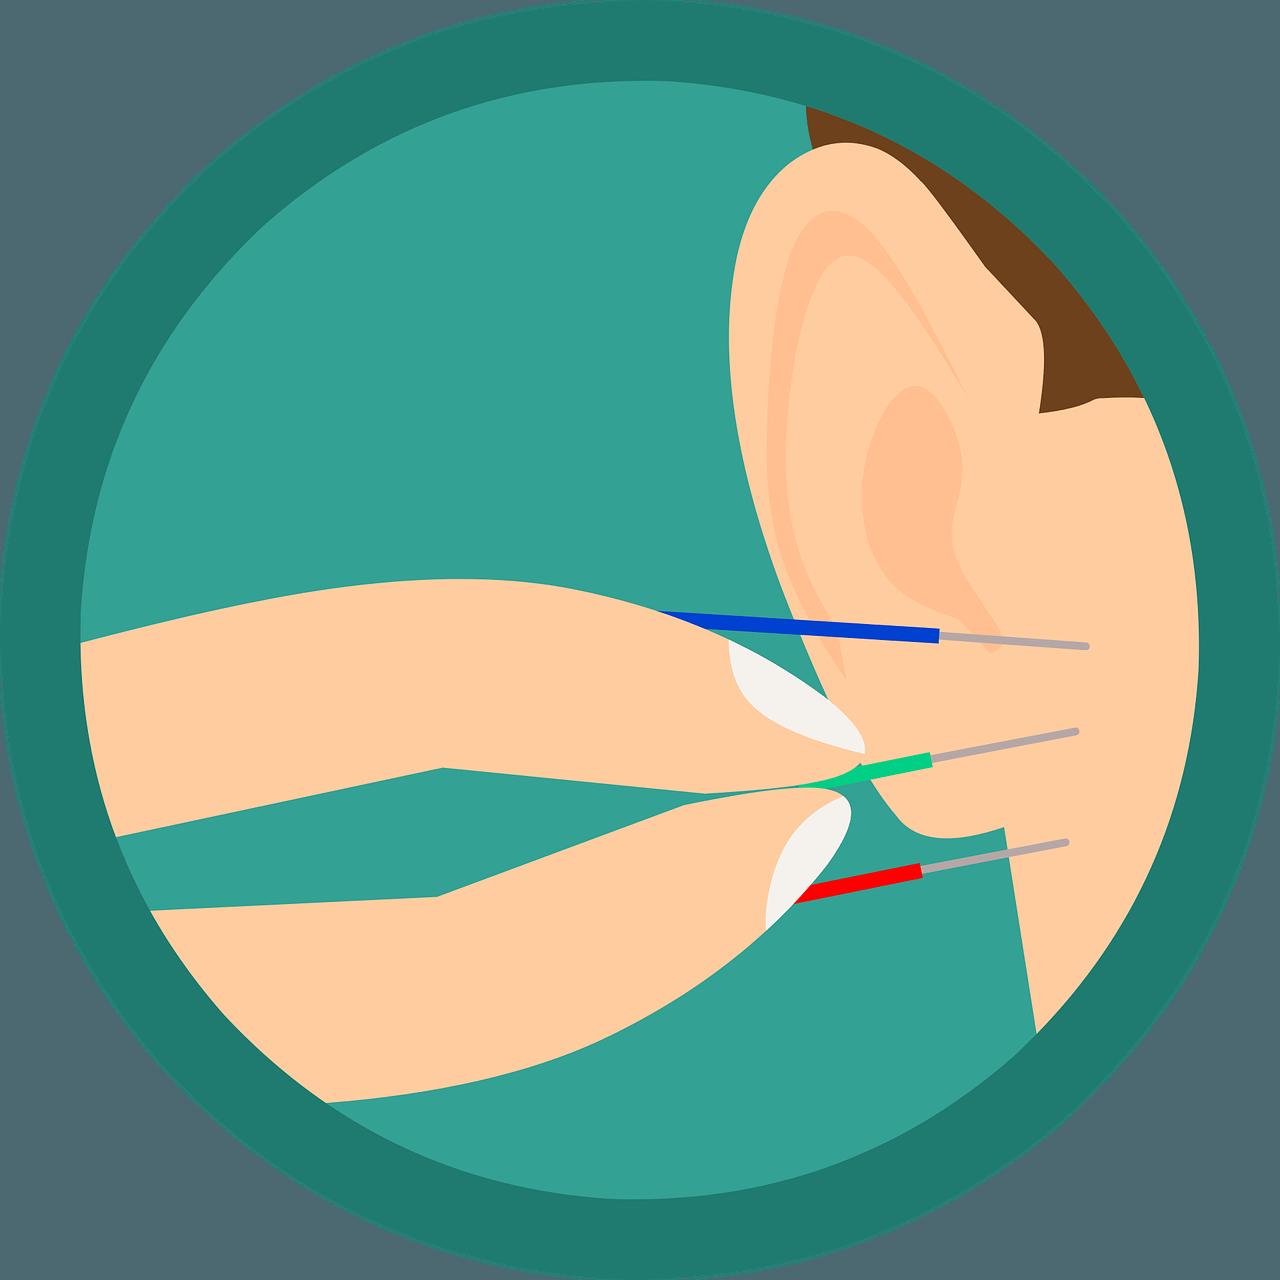 Hvordan virker akupunktur?